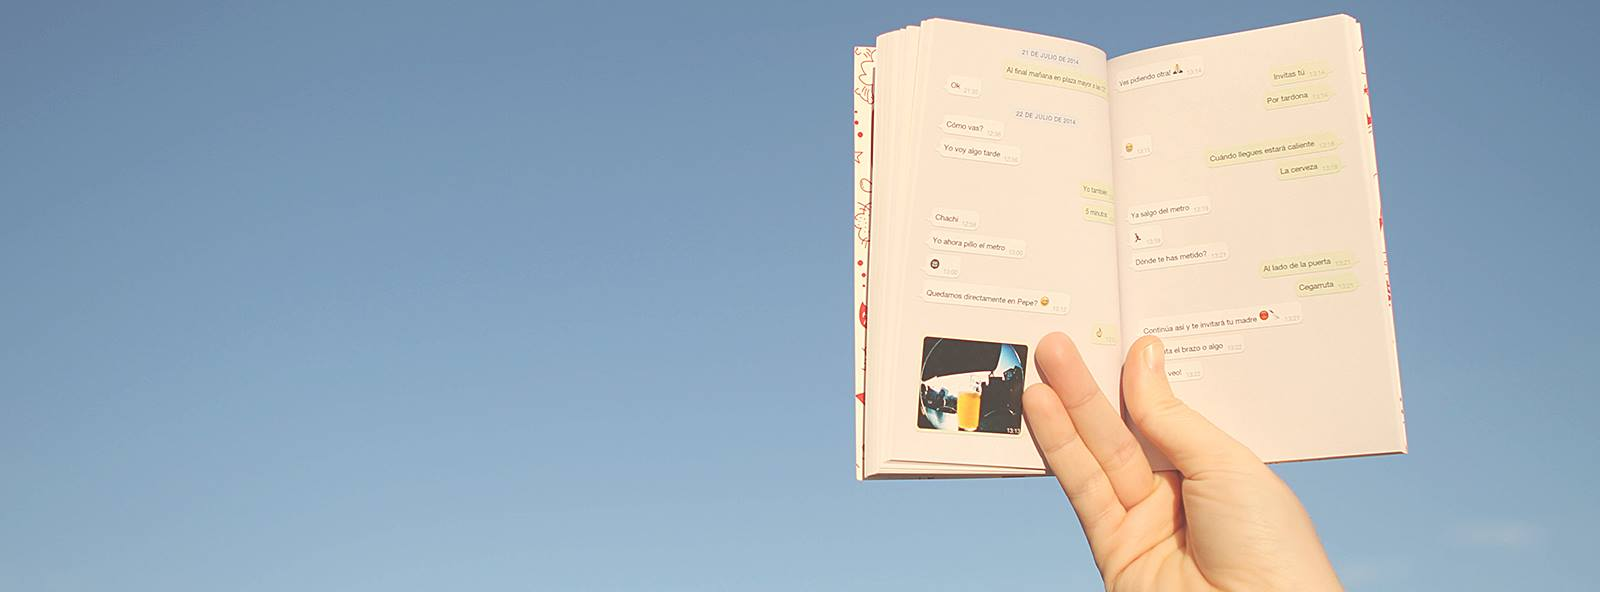 El emprendedor Pau Moreno crea Tiny books, que convierte las conversaciones de WhatsApp en un libro